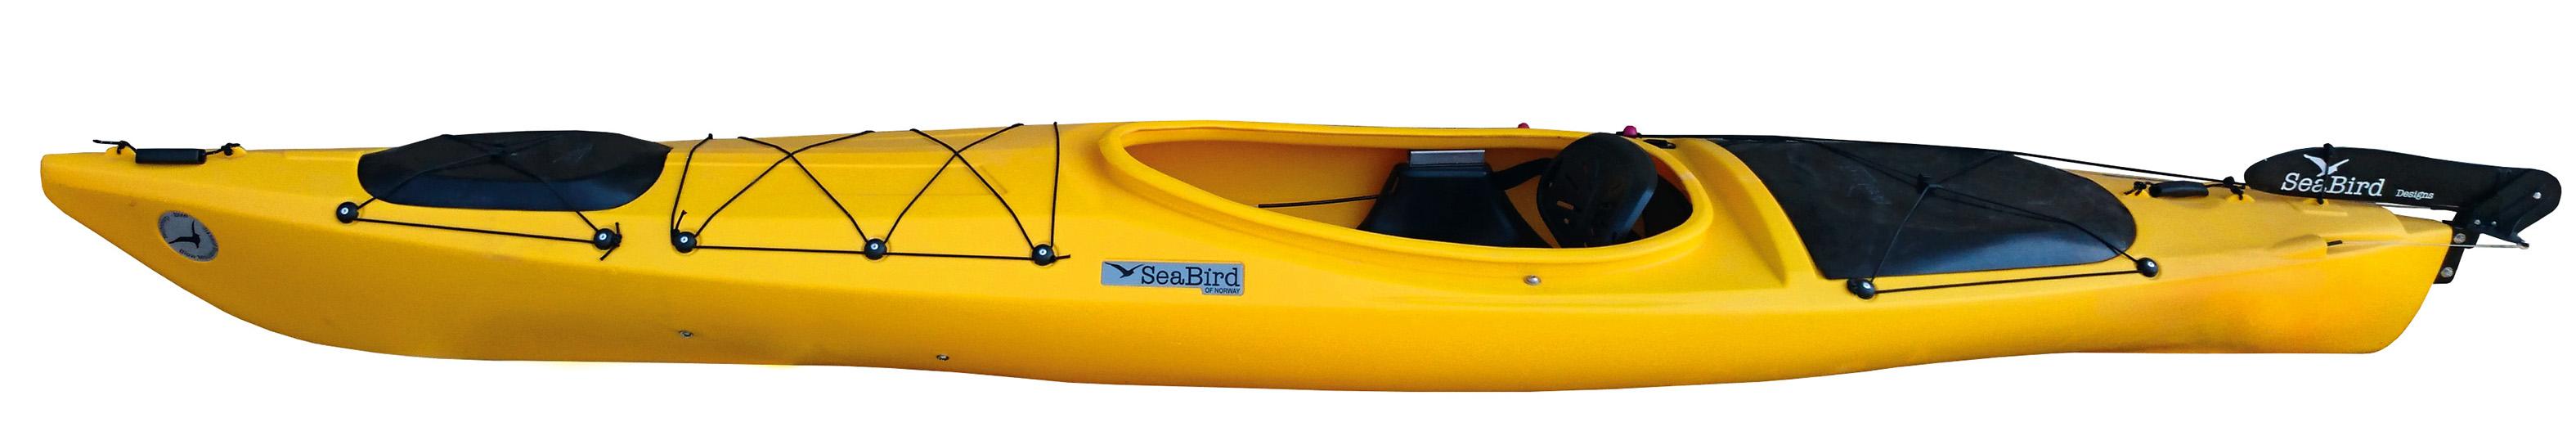 Spritzdecke SeaBird Designs Nylon Größe M und L